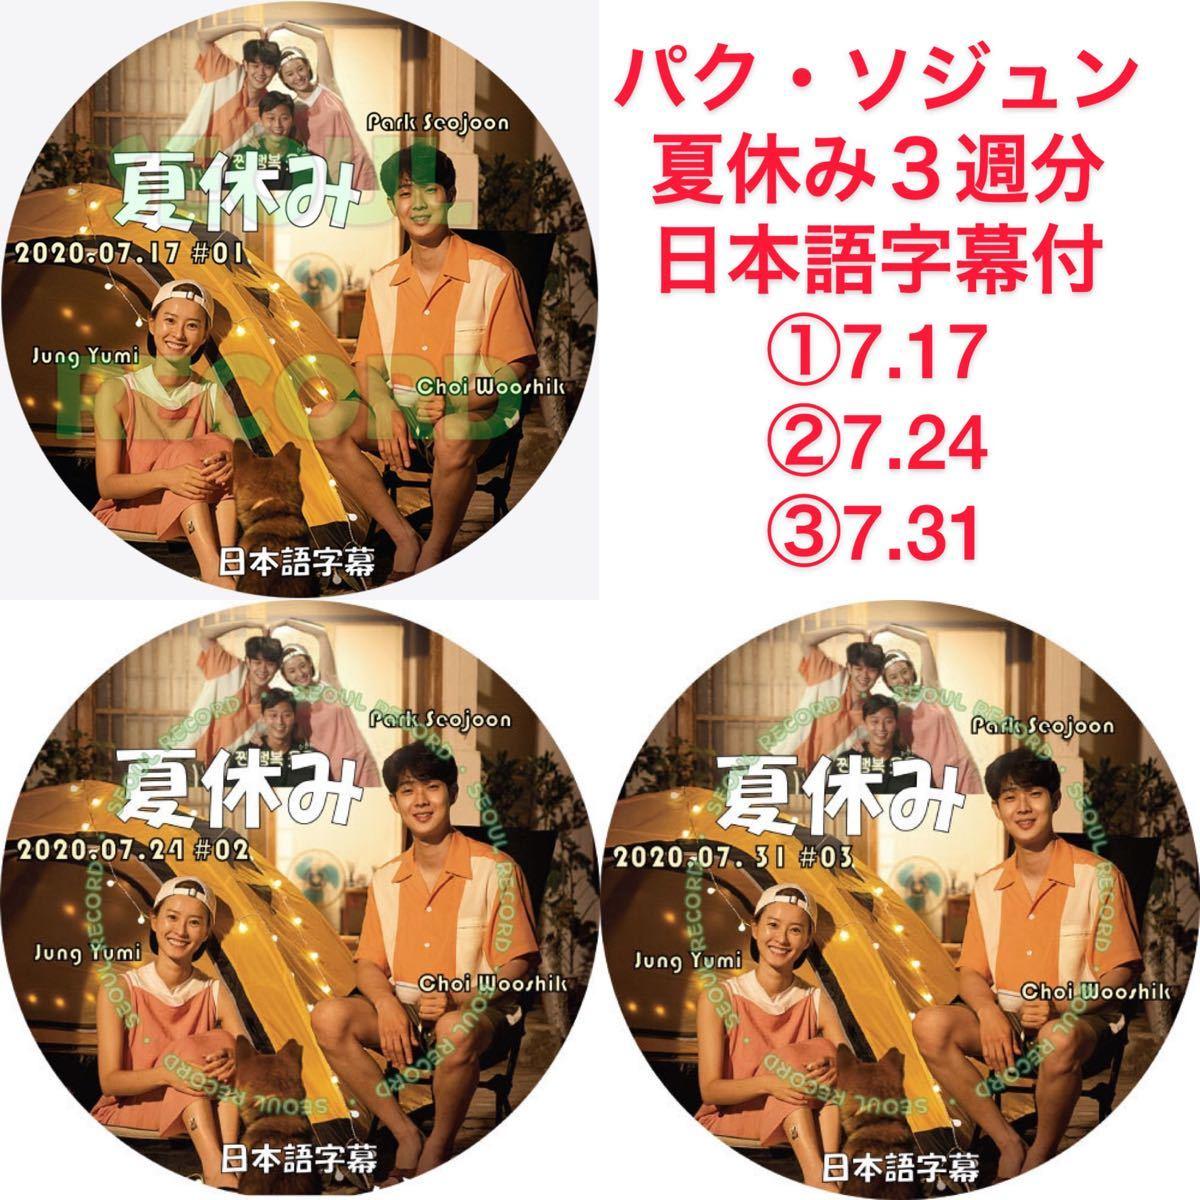 パクソジュン 夏休み 全出演3回分  日本語字幕付 DVDレーベル印刷付